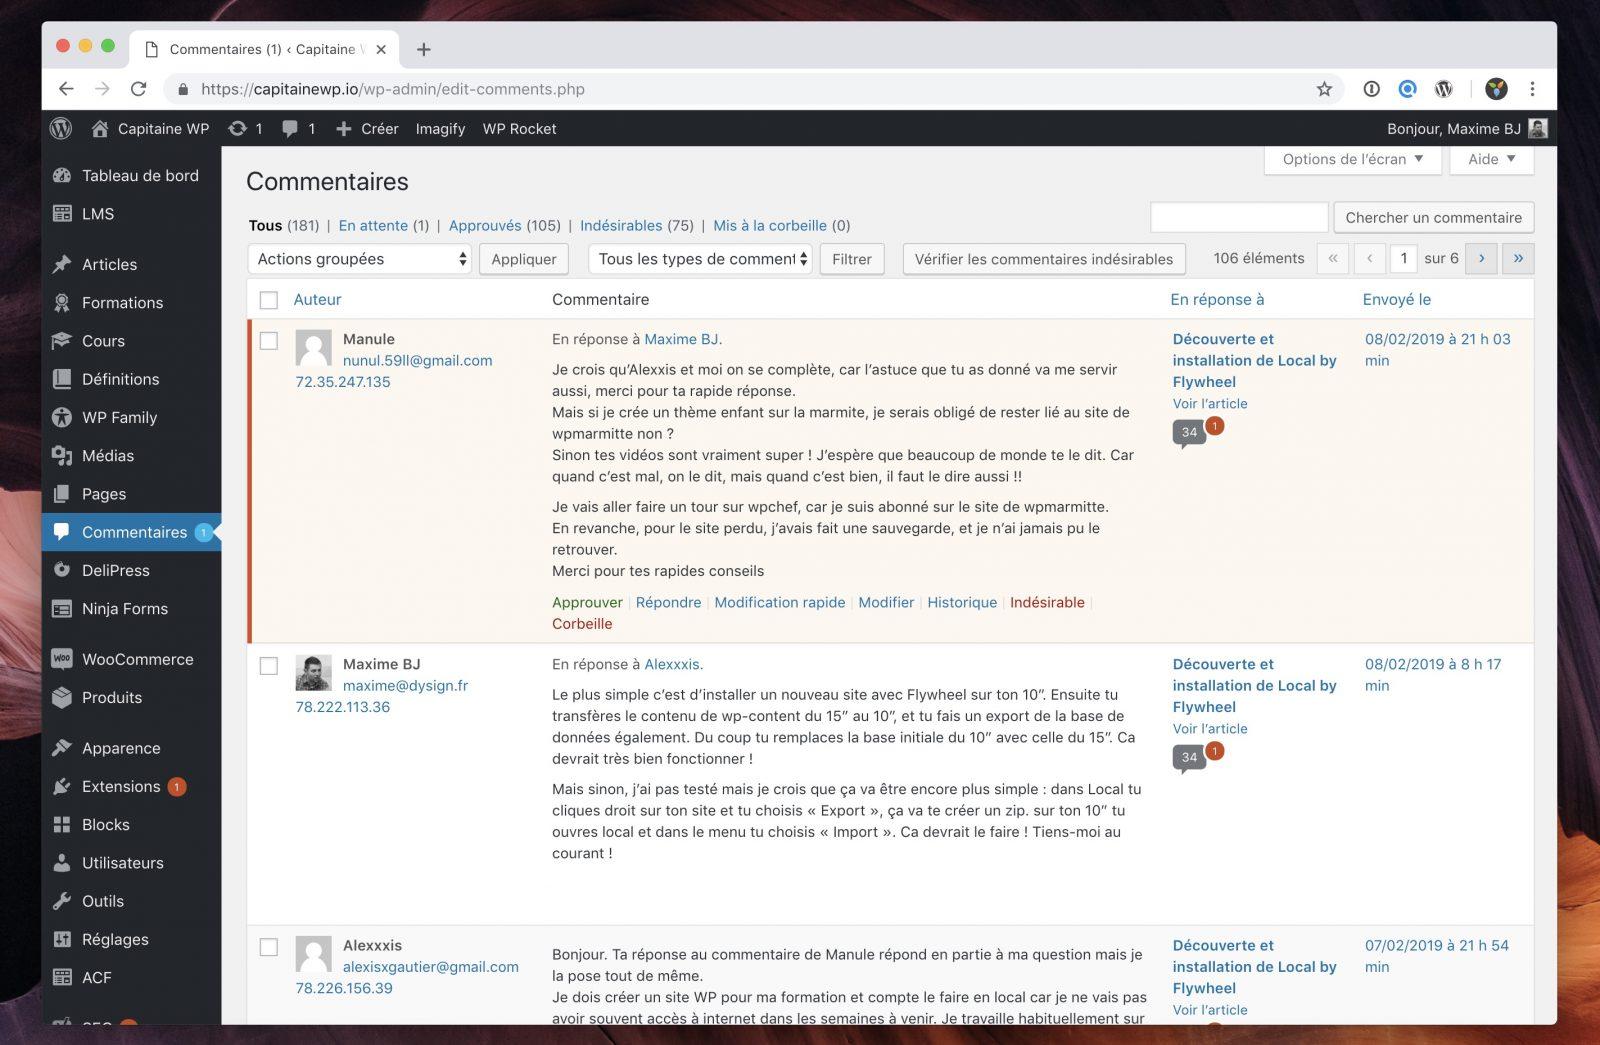 L'interface de gestion des commentaires dans WordPress, où on peut les approuver et les modifier